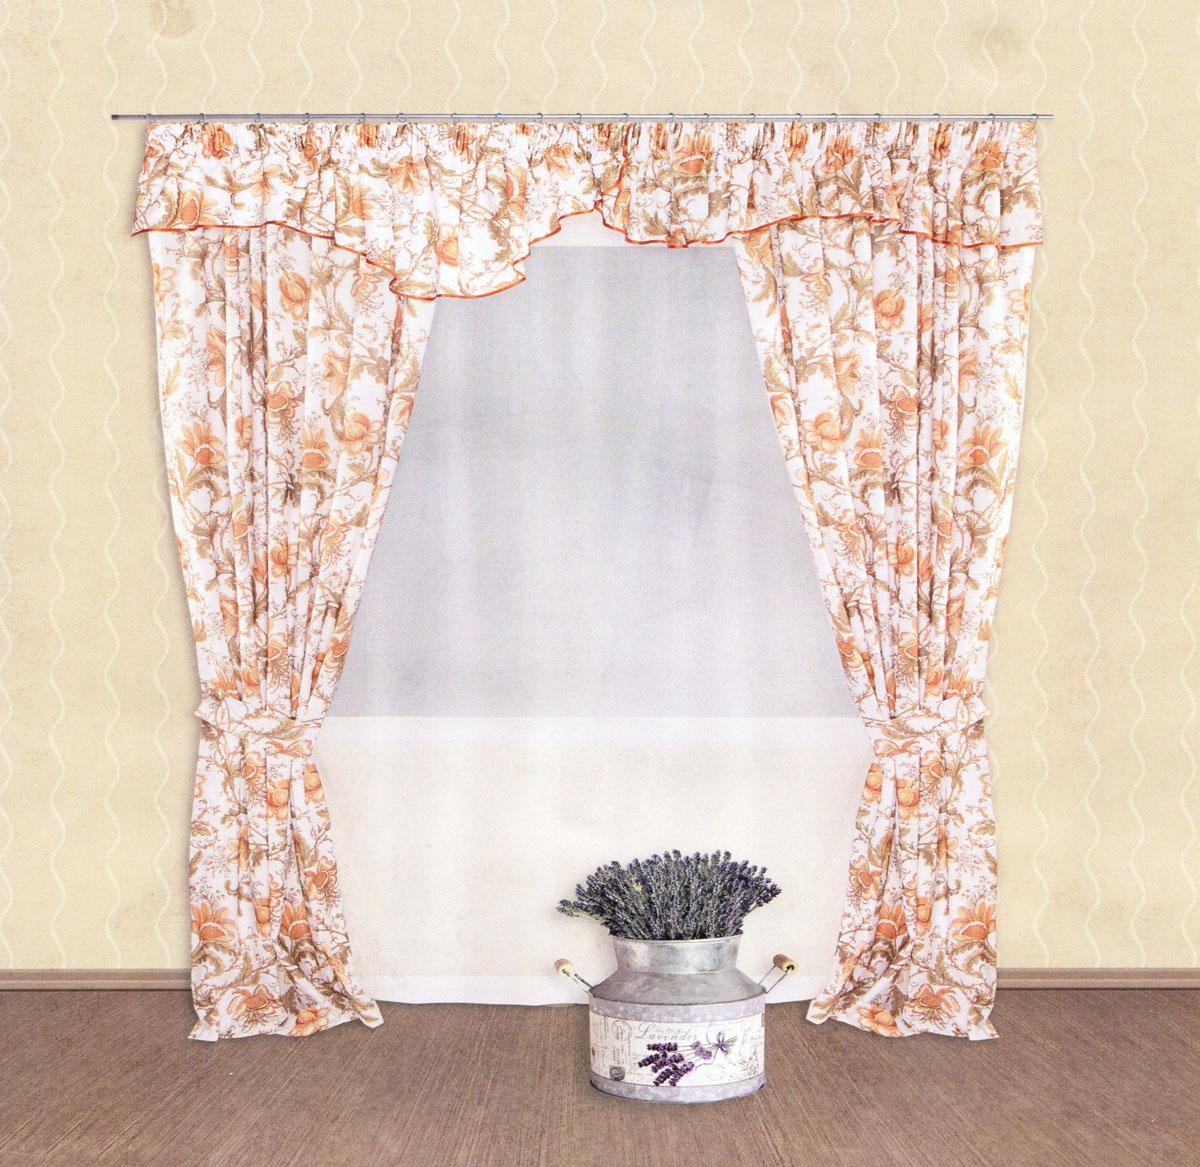 Комплект штор Zlata Korunka, на ленте, цвет: белый, светло-коричневый, высота 250 см. 5550155501Роскошный комплект штор Zlata Korunka, выполненный из сатина и вуали (100% полиэстера), великолепно украсит любое окно. Комплект состоит из двух портьер, ламбрекена, тюля и двух подхватов. Полупрозрачная ткань, цветочный принт и приятная, приглушенная гамма привлекут к себе внимание и органично впишутся в интерьер помещения. Комплект крепится на карниз при помощи шторной ленты, которая поможет красиво и равномерно задрапировать верх. Портьеры можно зафиксировать в одном положении с помощью двух подхватов. Этот комплект будет долгое время радовать вас и вашу семью! В комплект входит: Портьера: 2 шт. Размер (ШхВ): 140 см х 250 см. Ламбрекен: 1 шт. Размер (ШхВ): 400 см х 50 см. Тюль: 1 шт. Размер (ШхВ): 300 см х 250 см. Подхват: 2 шт. Размер (ШхВ): 60 см х 10 см.